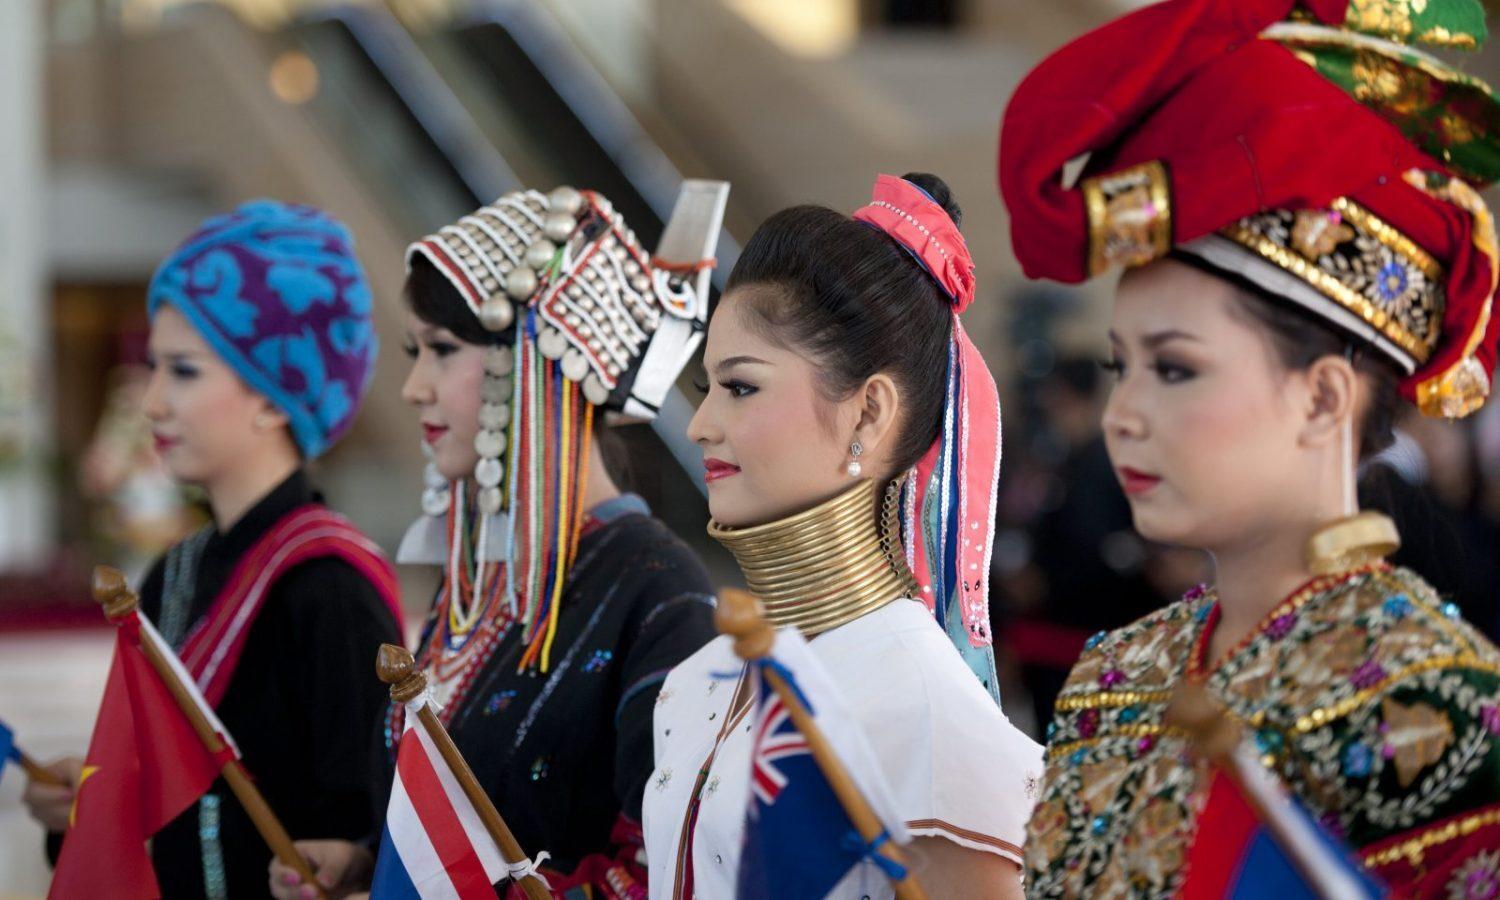 groupes-ethniques-de-la-birmanie-1-5549101